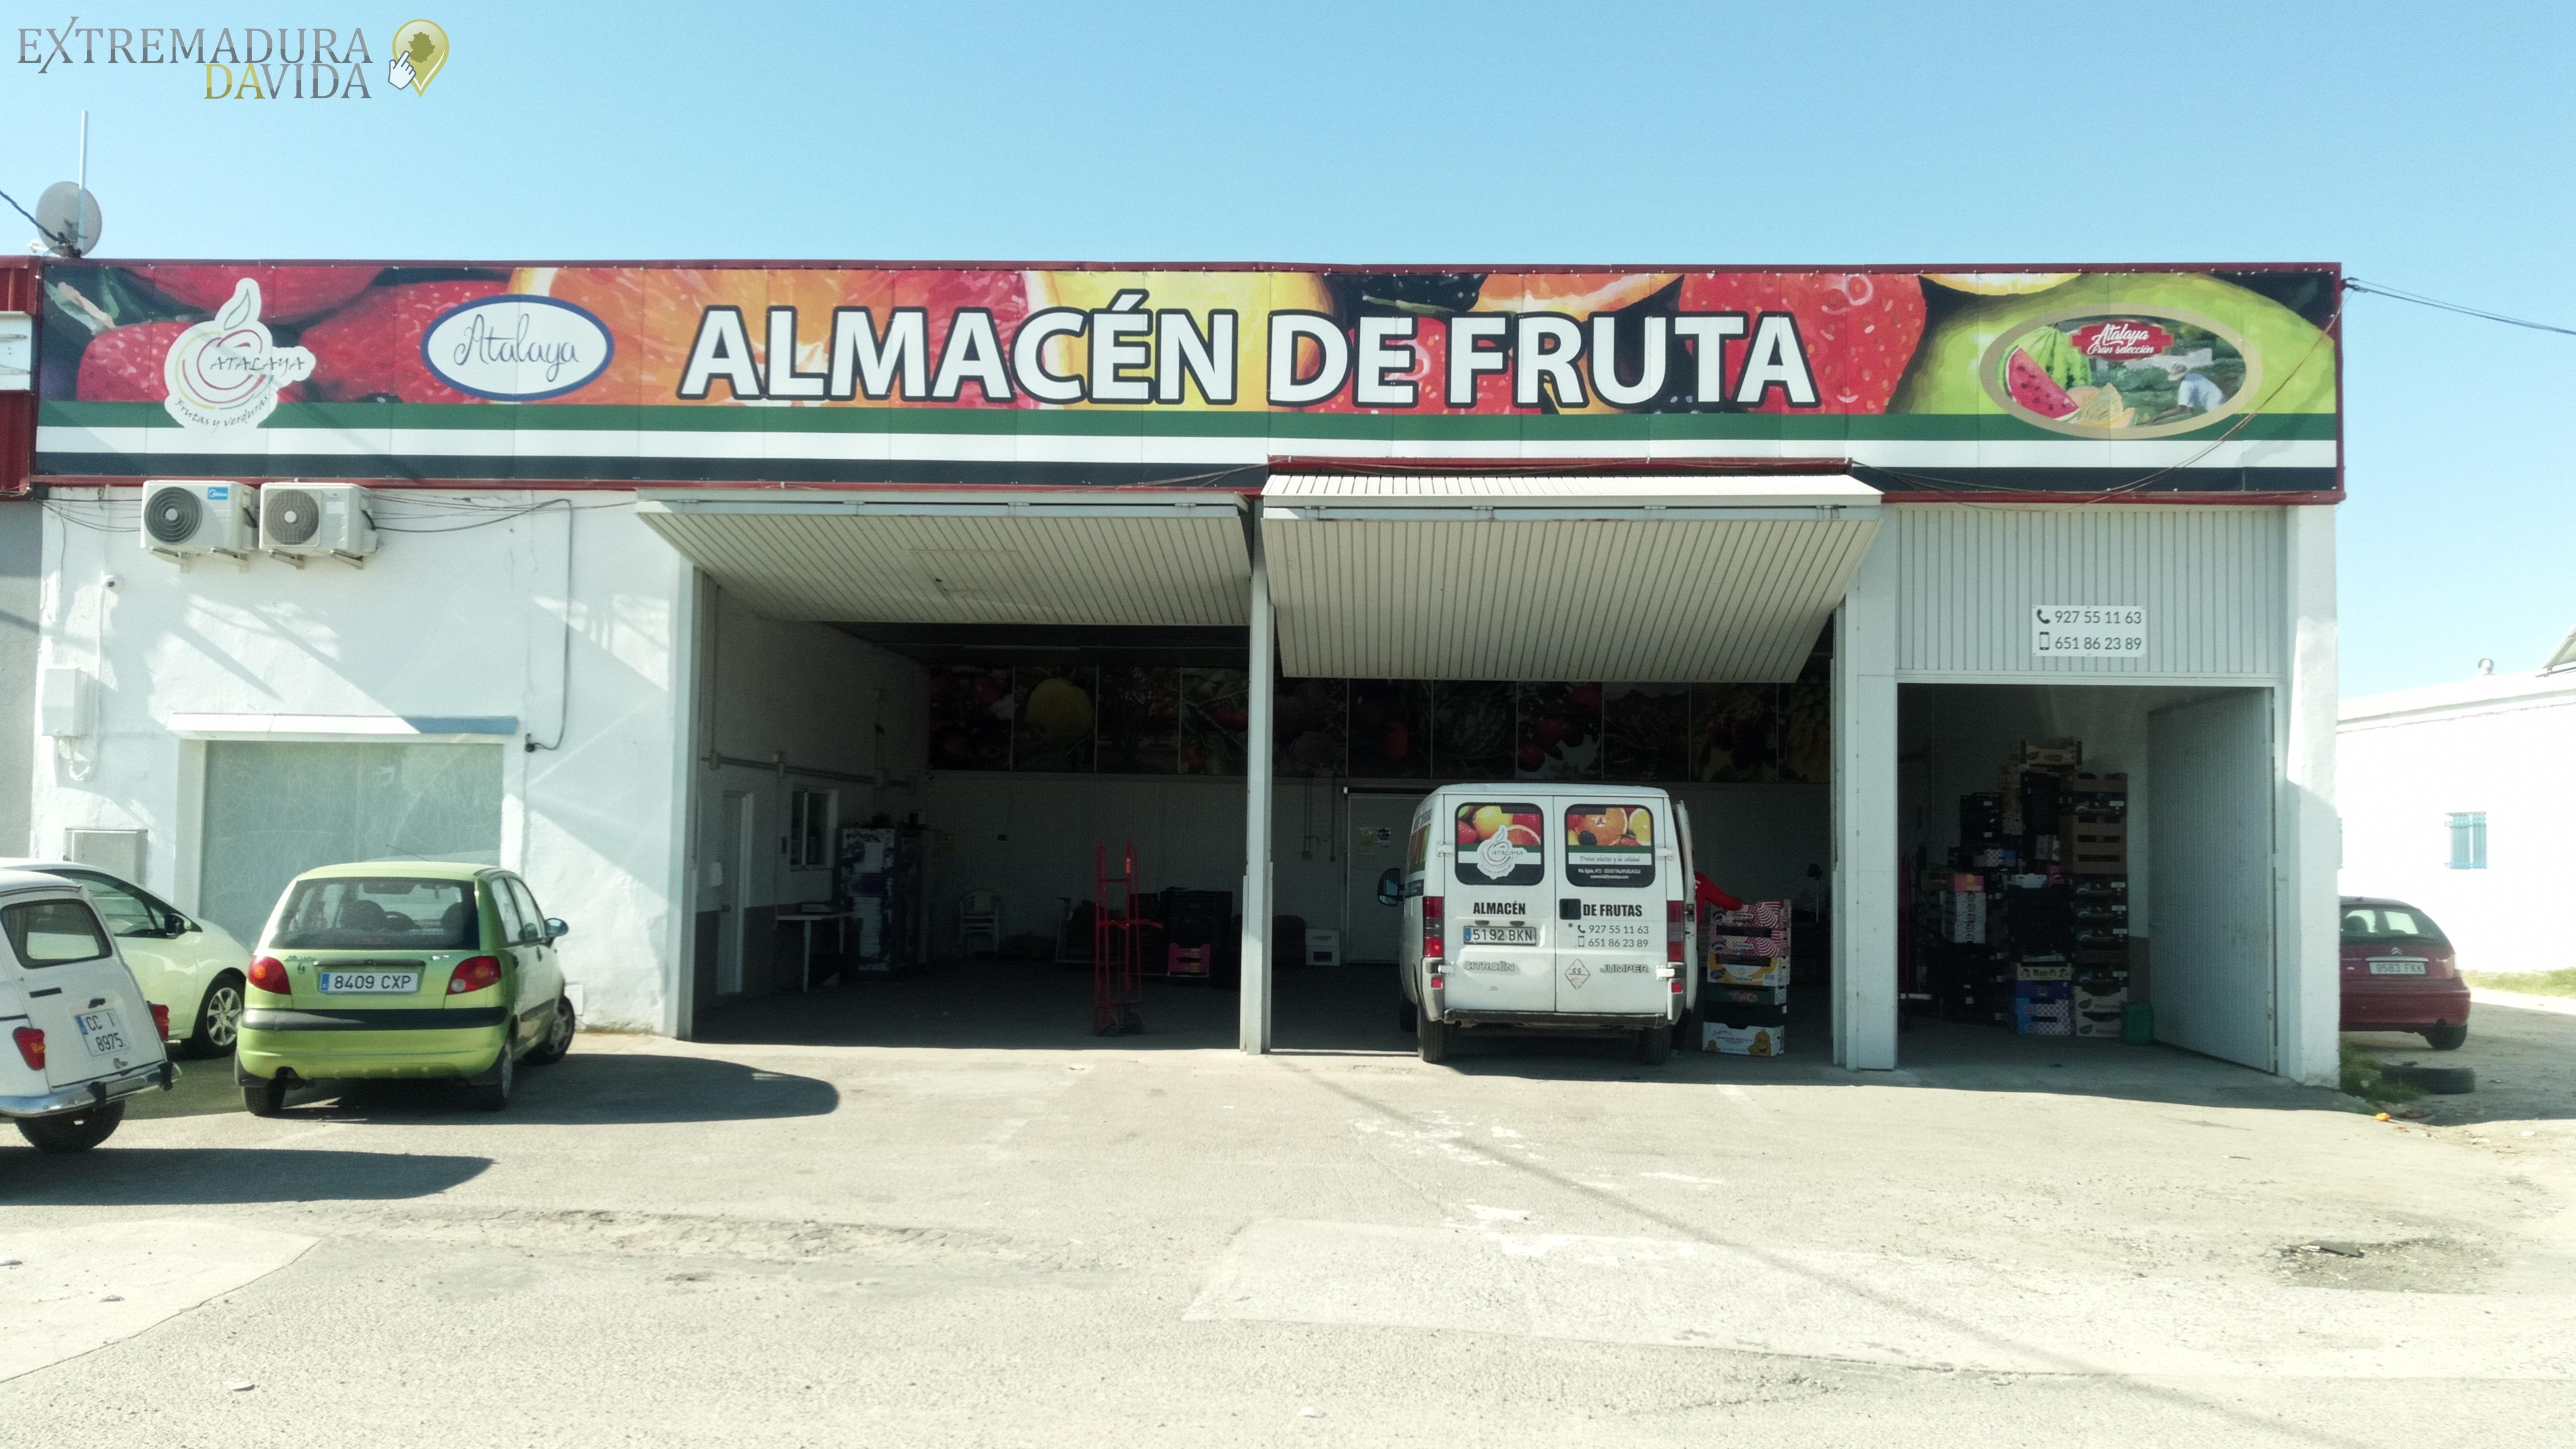 Almacén Mayorista de Frutas y verduras Navalmoral Atalaya Talayuela